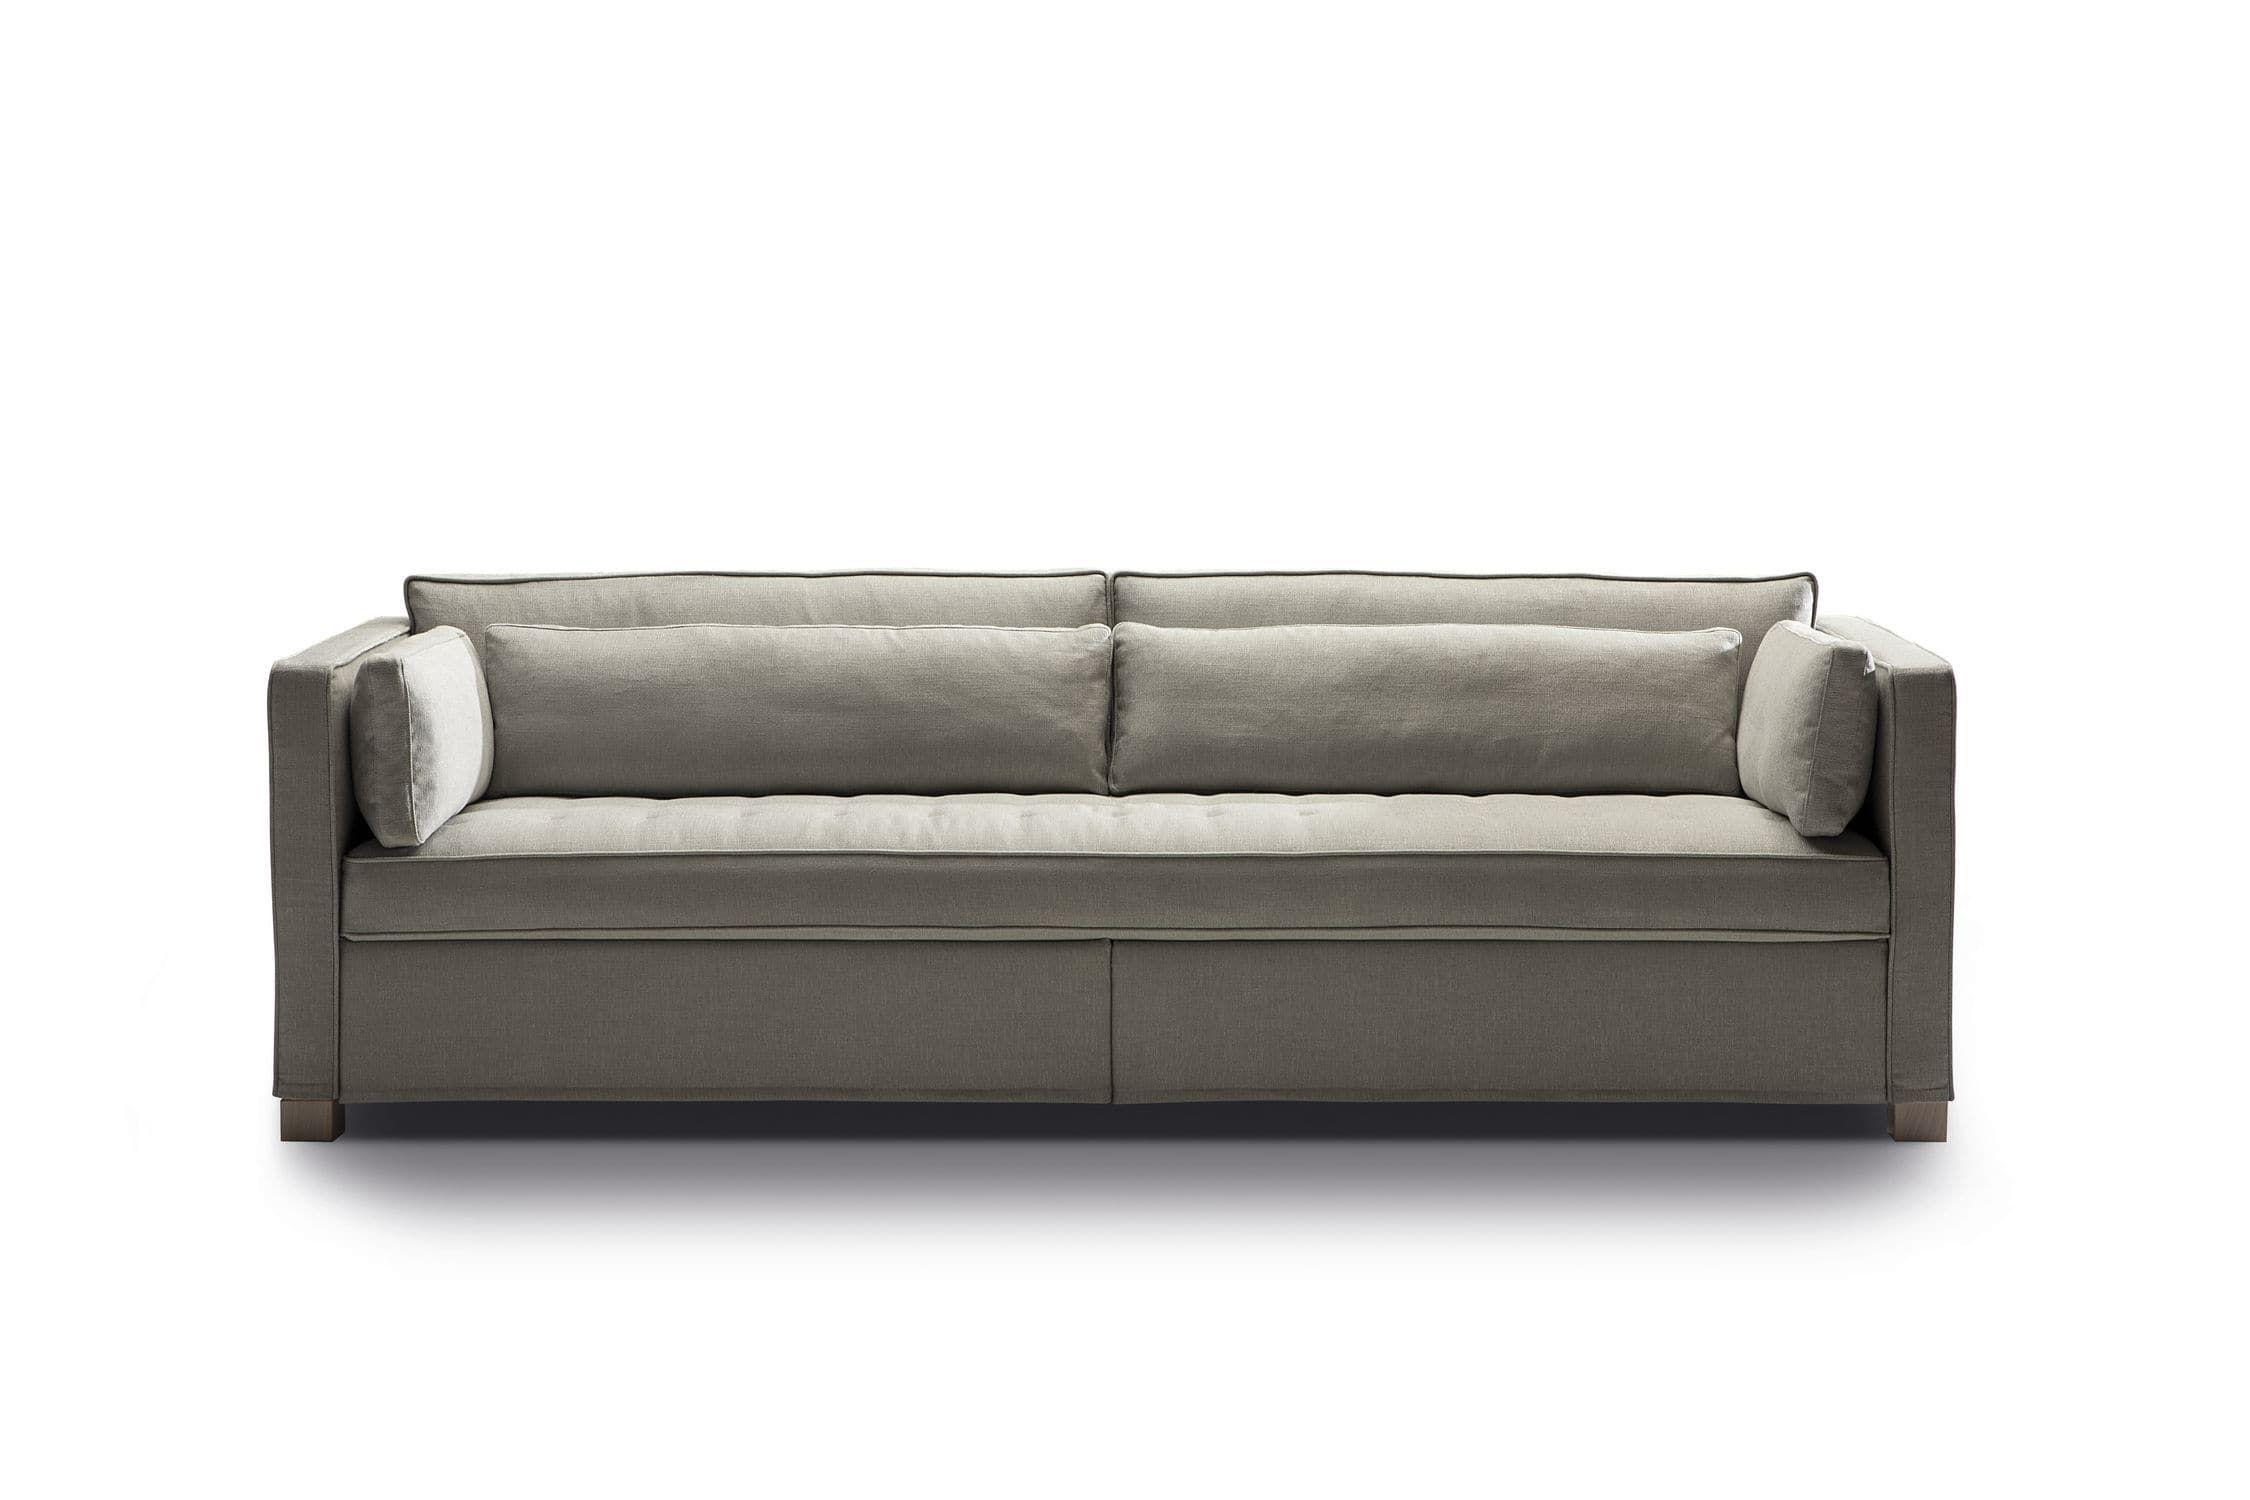 Cerco divano letto home interior idee di design tendenze e